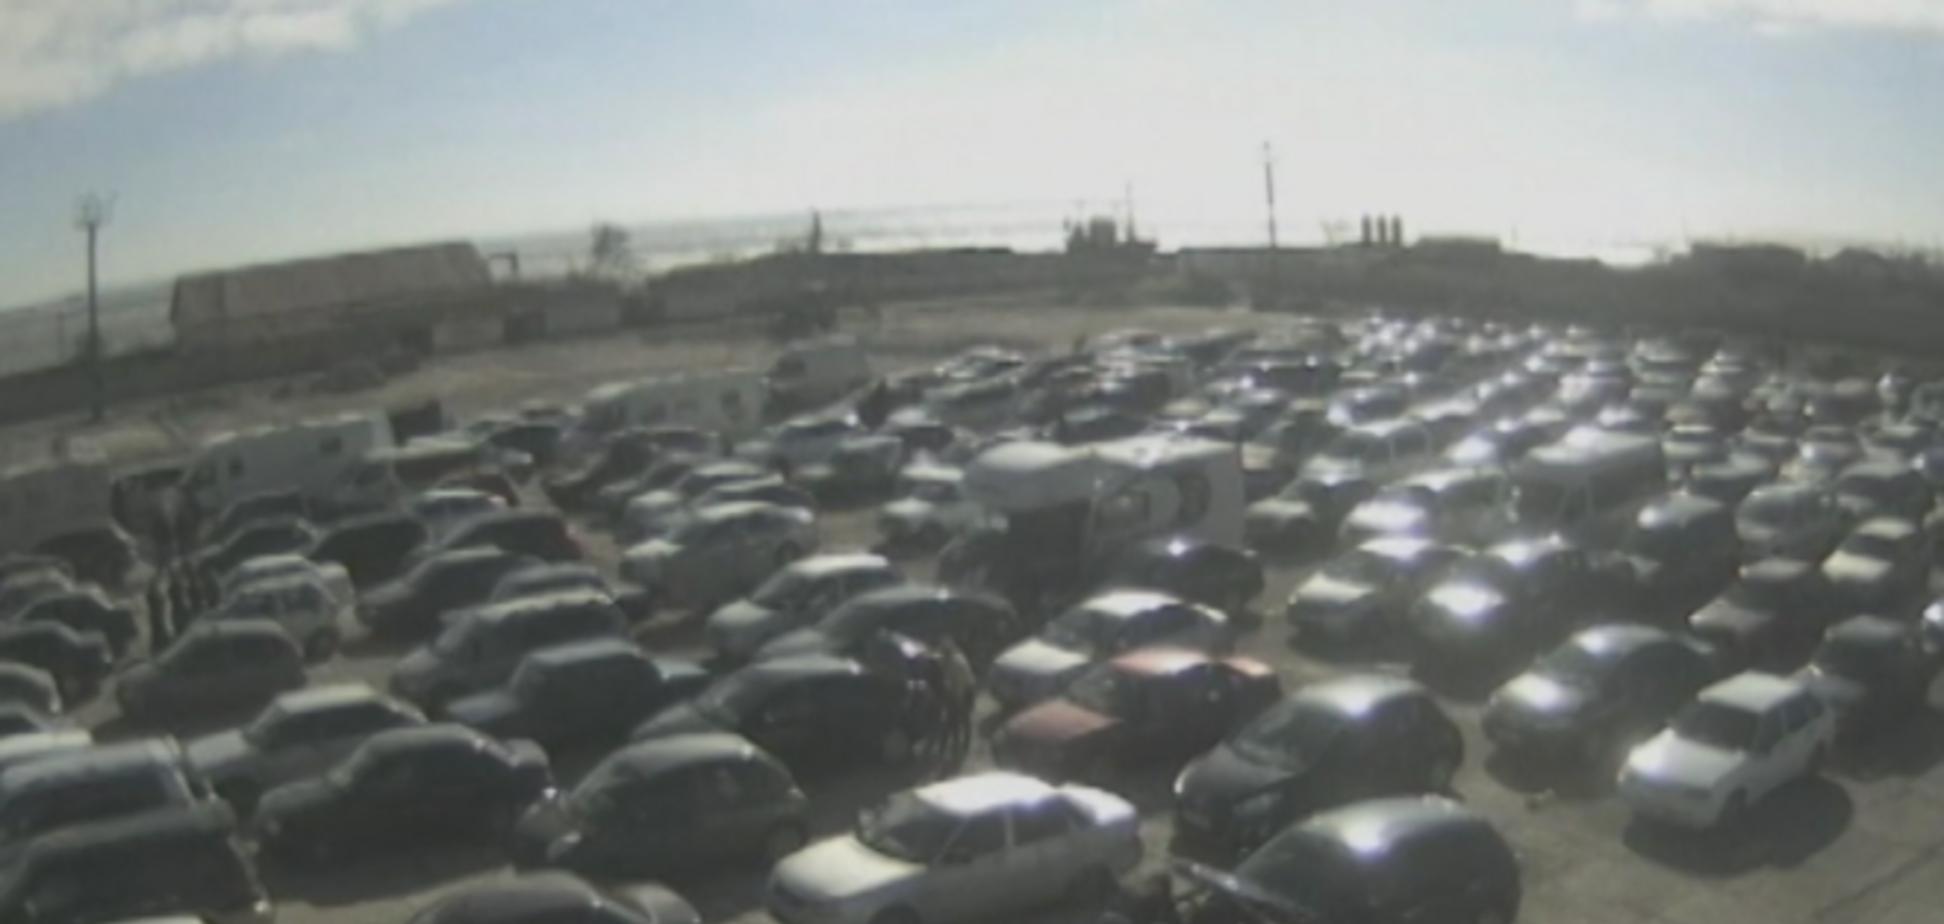 Шторм устроил коллапс на керченской переправе: в очереди стоят 1500 авто